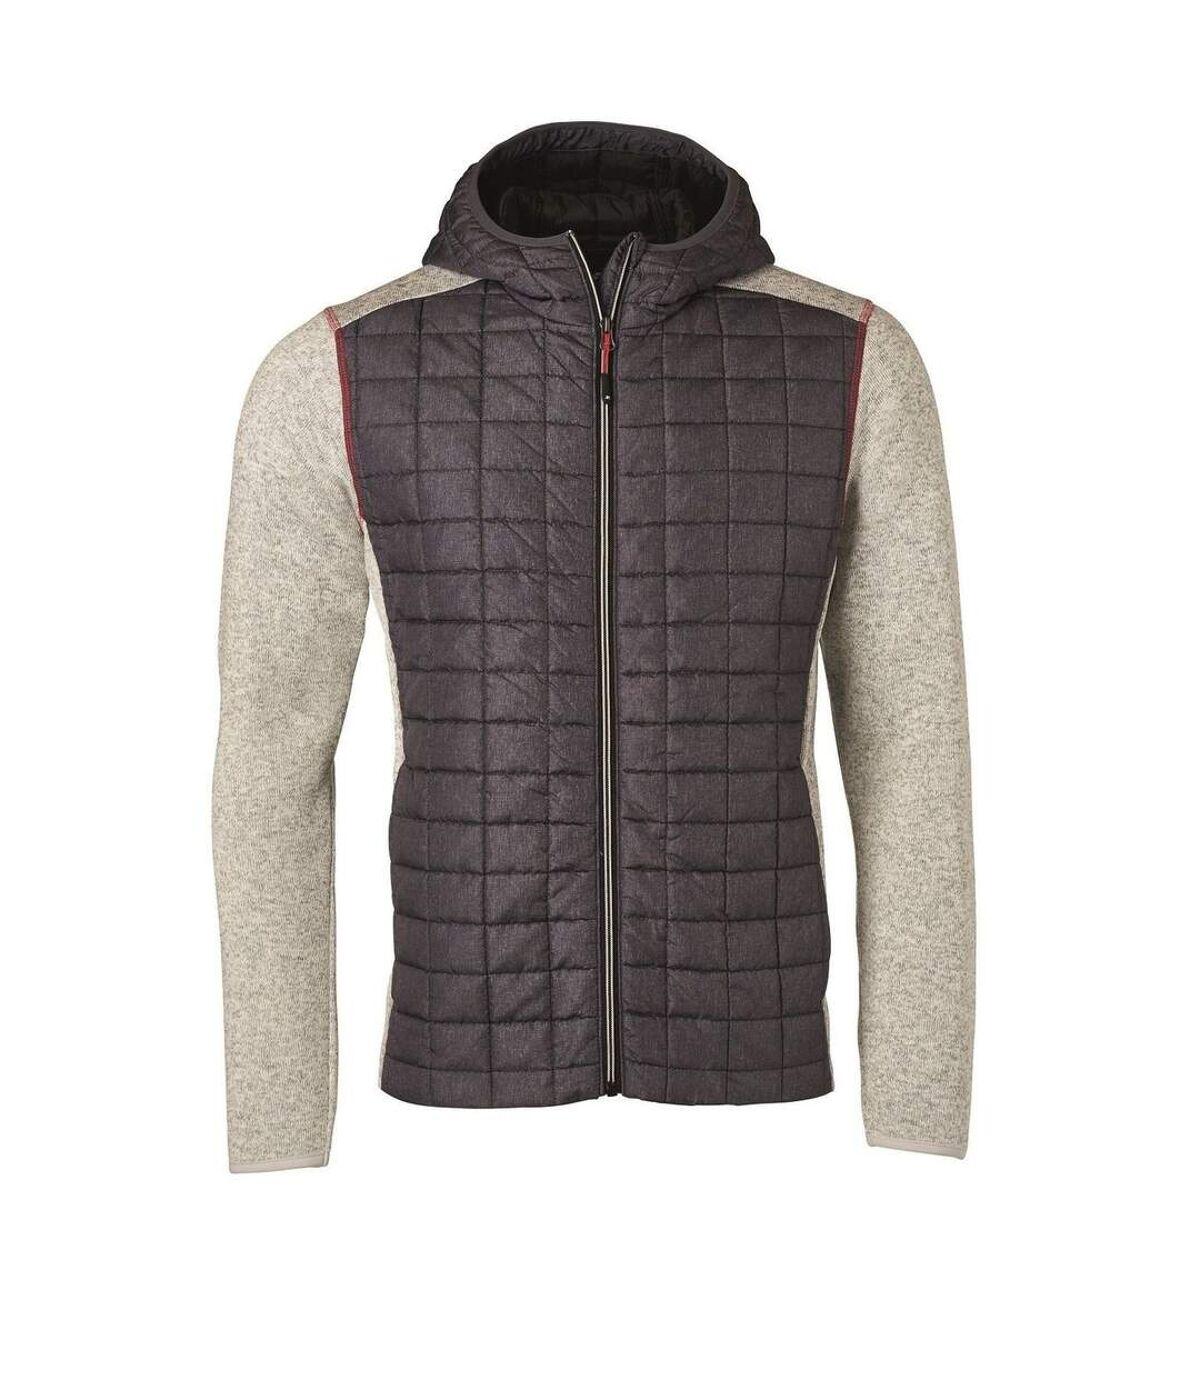 Veste tricot hybride matelassée - homme - JN772 - gris foncé gris clair mélange